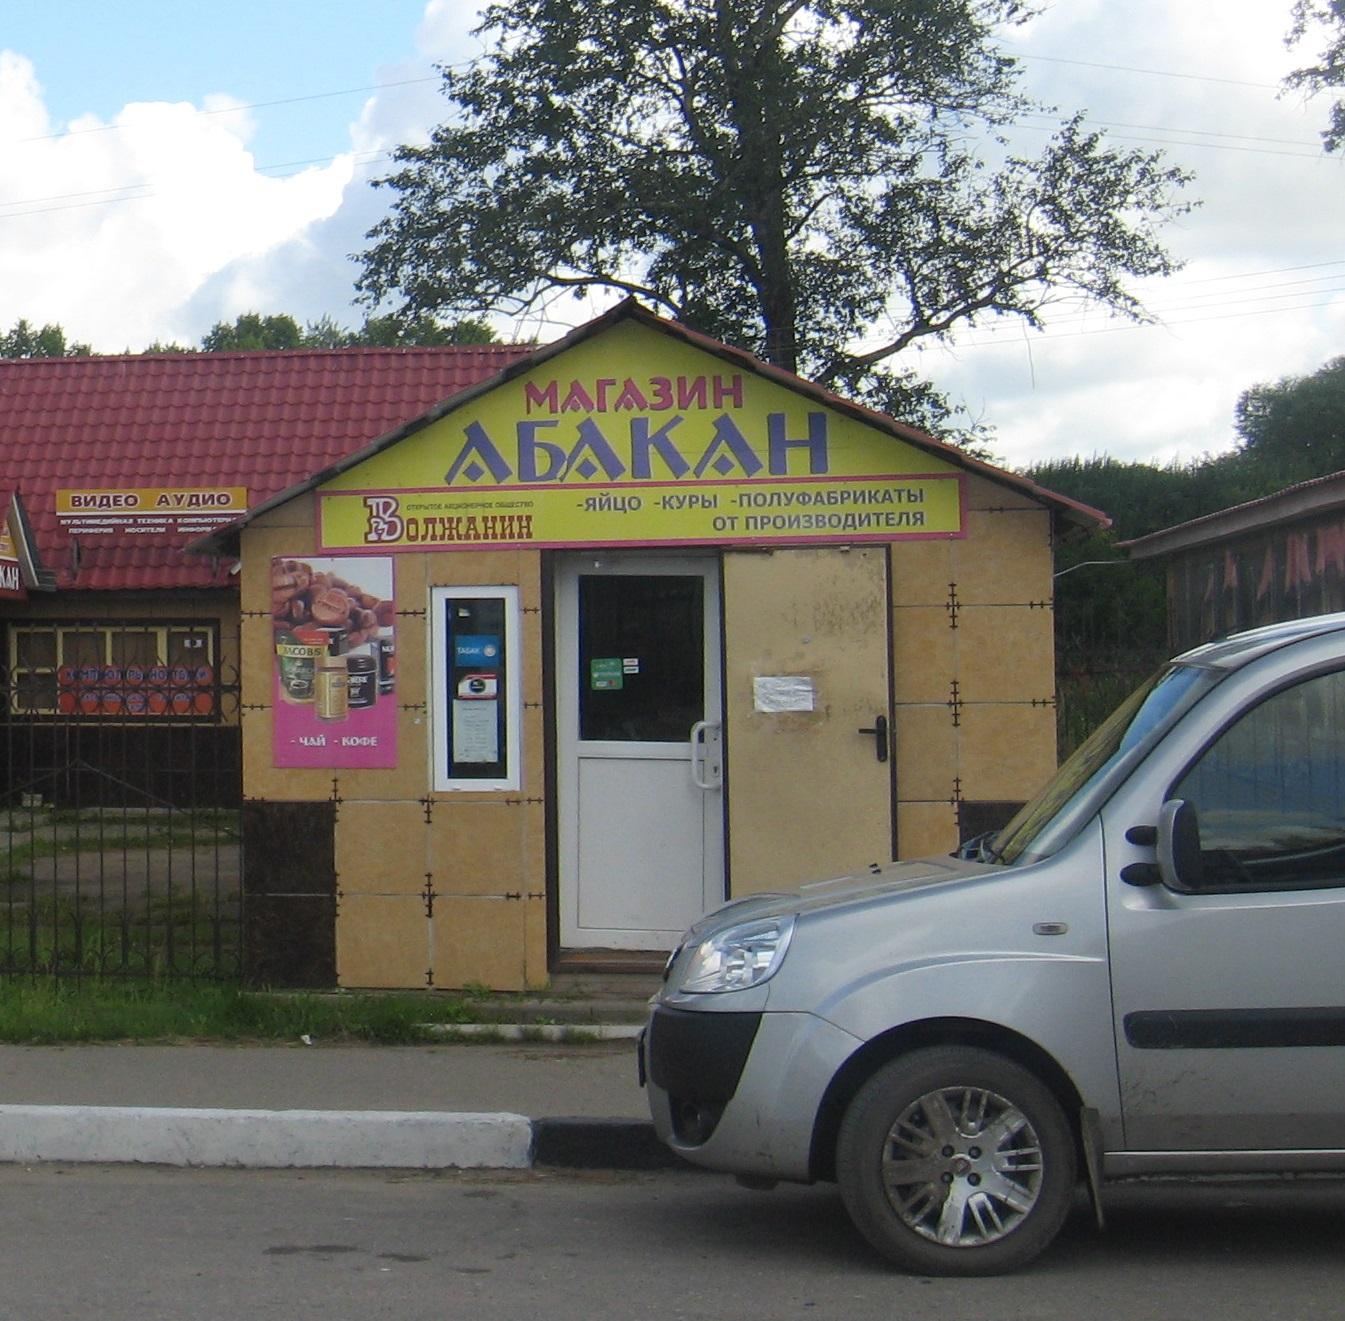 Ростов Великий превращается в Абакан